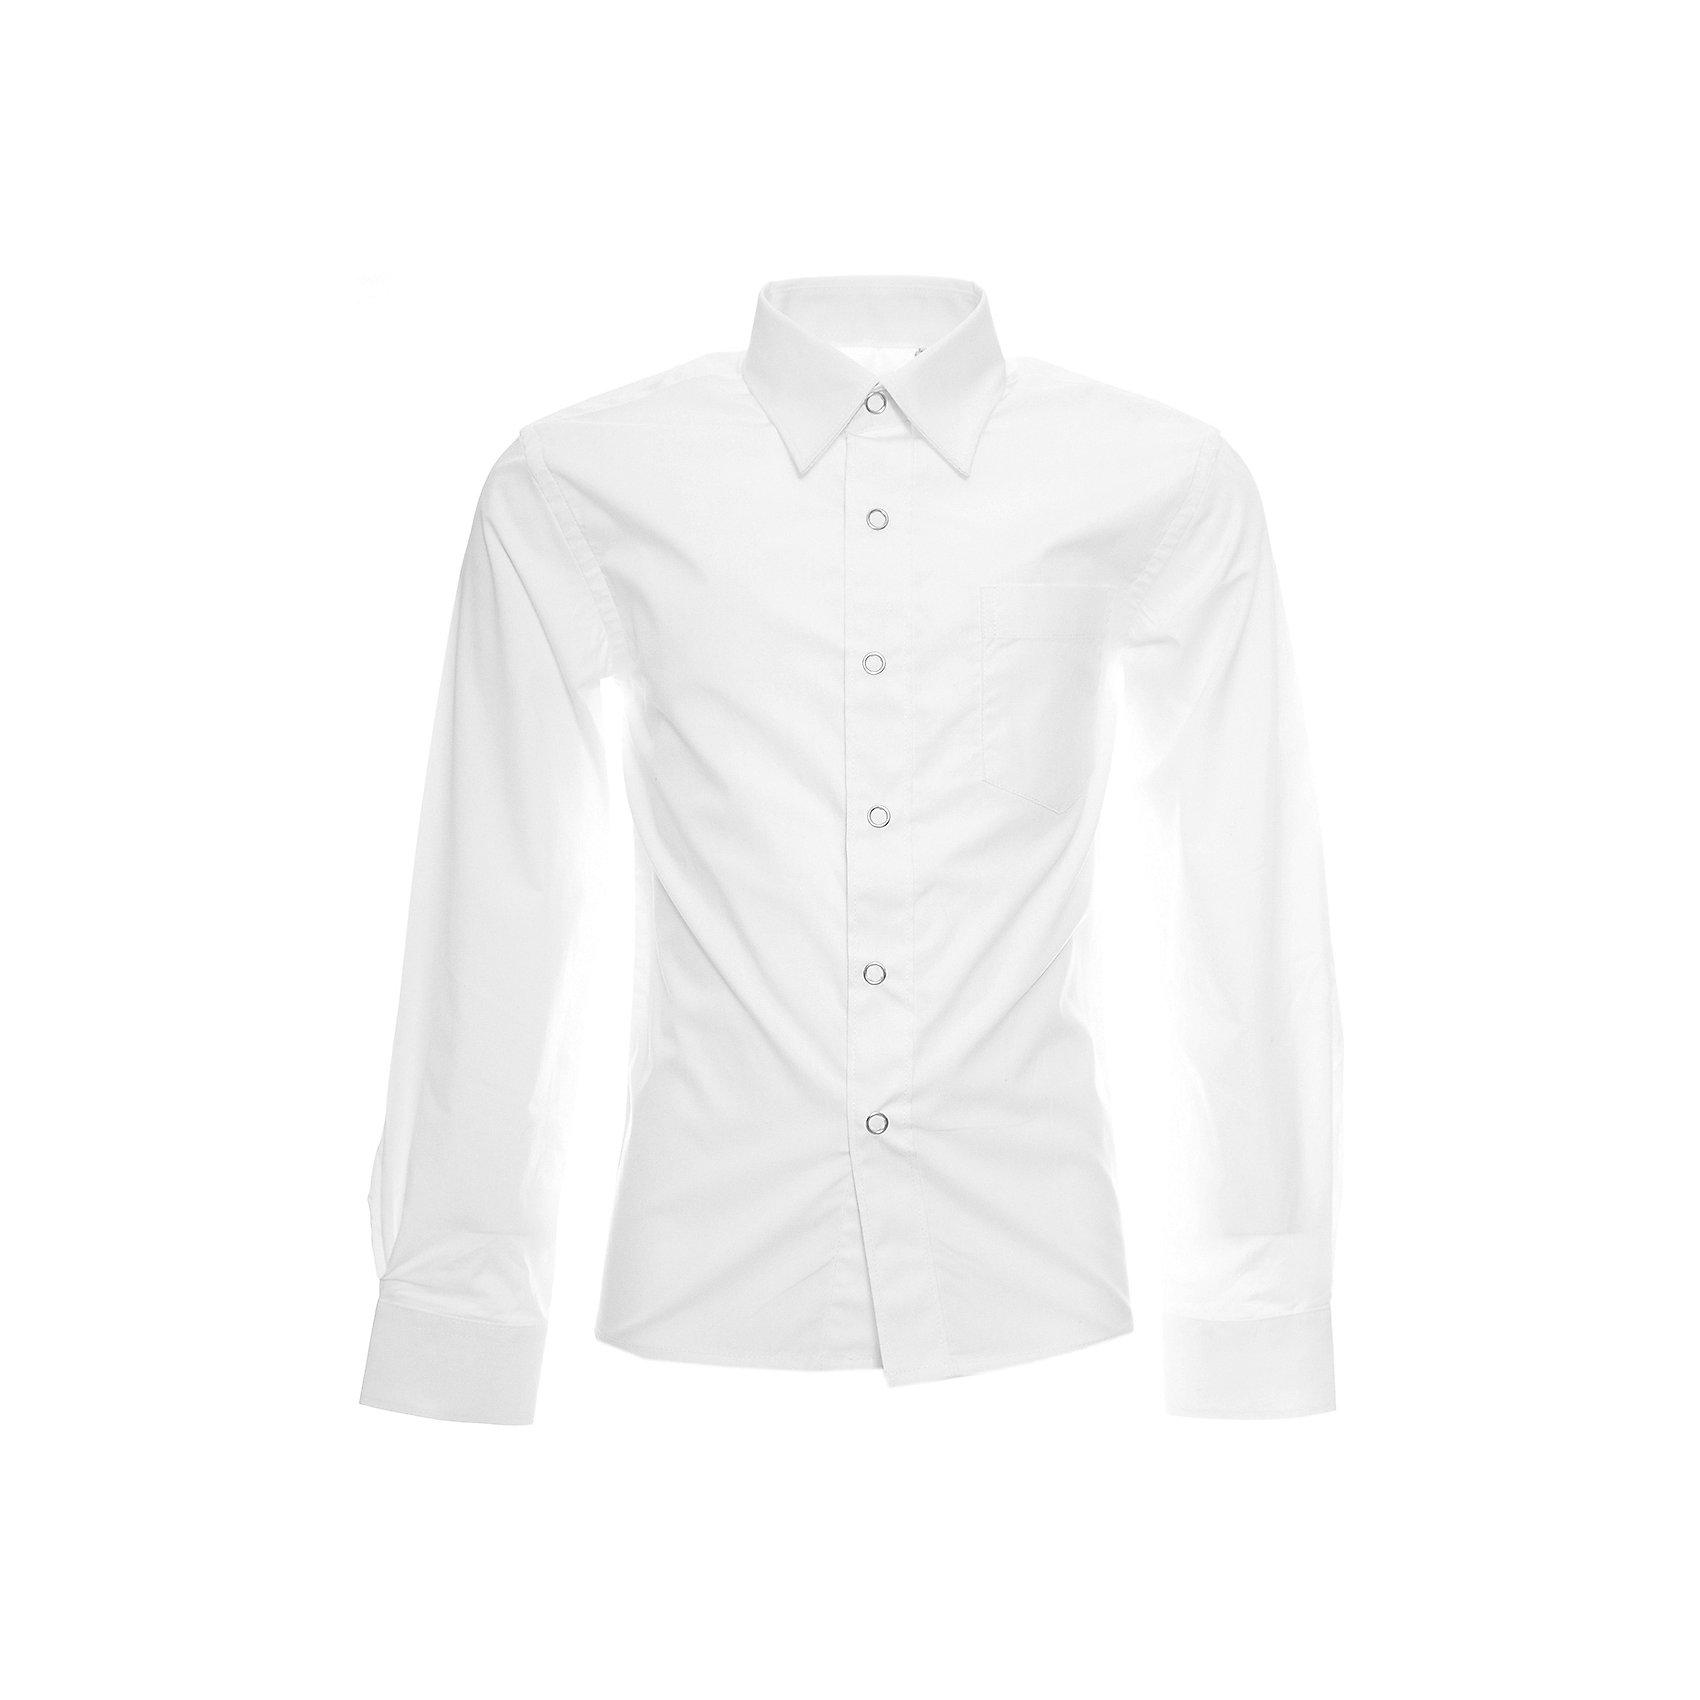 Рубашка CLASSIC для мальчика SkylakeБлузки и рубашки<br>Сорочка детская для мальчика<br>Состав:<br>80% хлопок, 20% п/э<br><br>Ширина мм: 174<br>Глубина мм: 10<br>Высота мм: 169<br>Вес г: 157<br>Цвет: белый<br>Возраст от месяцев: 132<br>Возраст до месяцев: 144<br>Пол: Мужской<br>Возраст: Детский<br>Размер: 152,146,140,134,128,122,158<br>SKU: 6772687